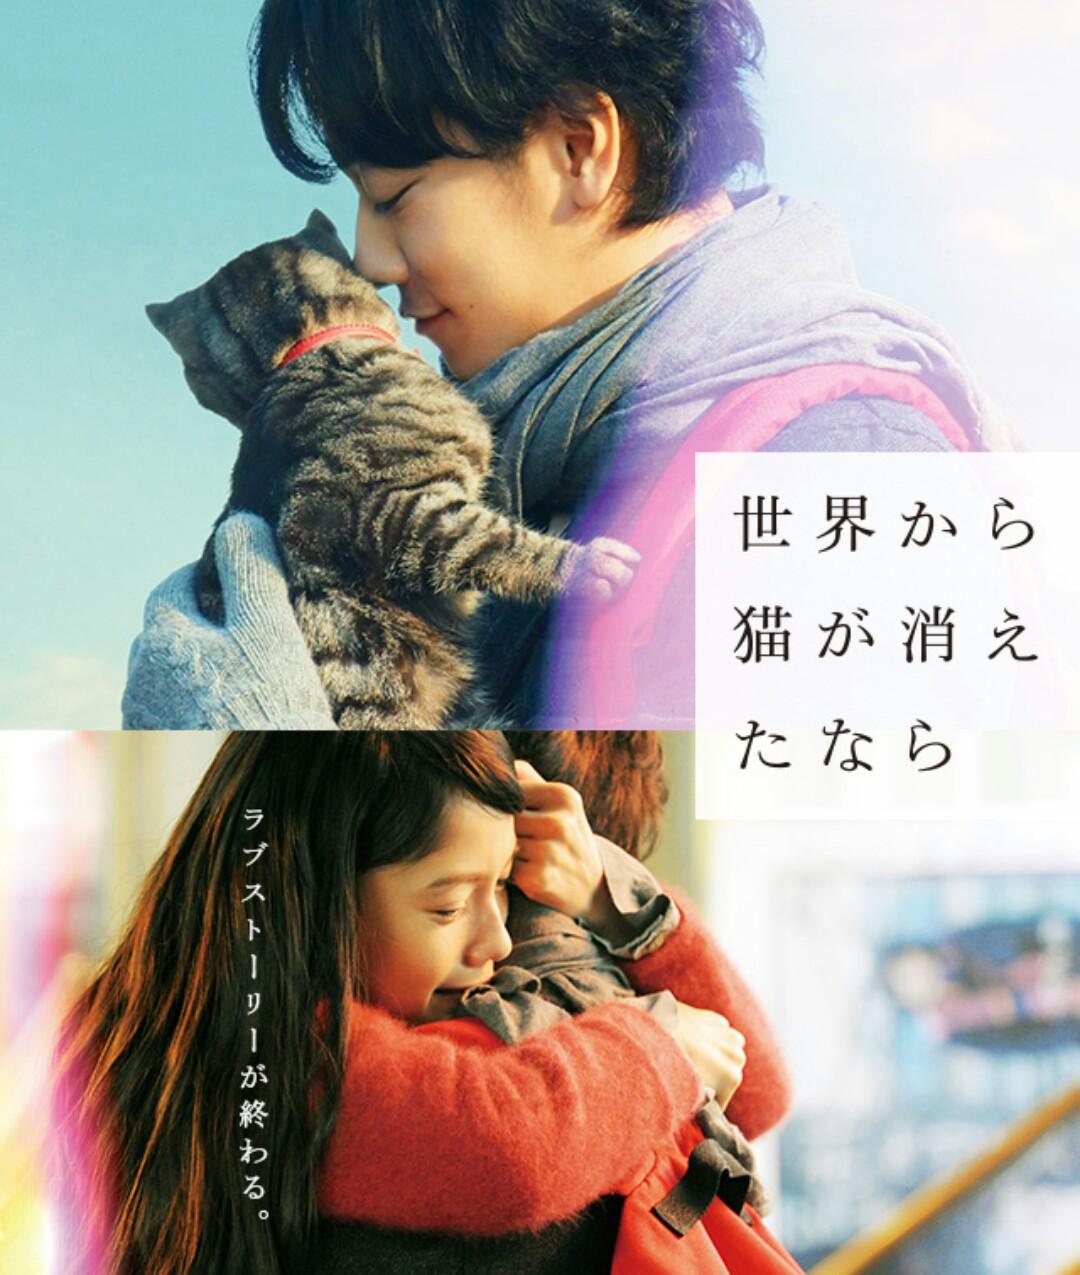 出典 映画『世界から猫が消えたなら』公式サイト